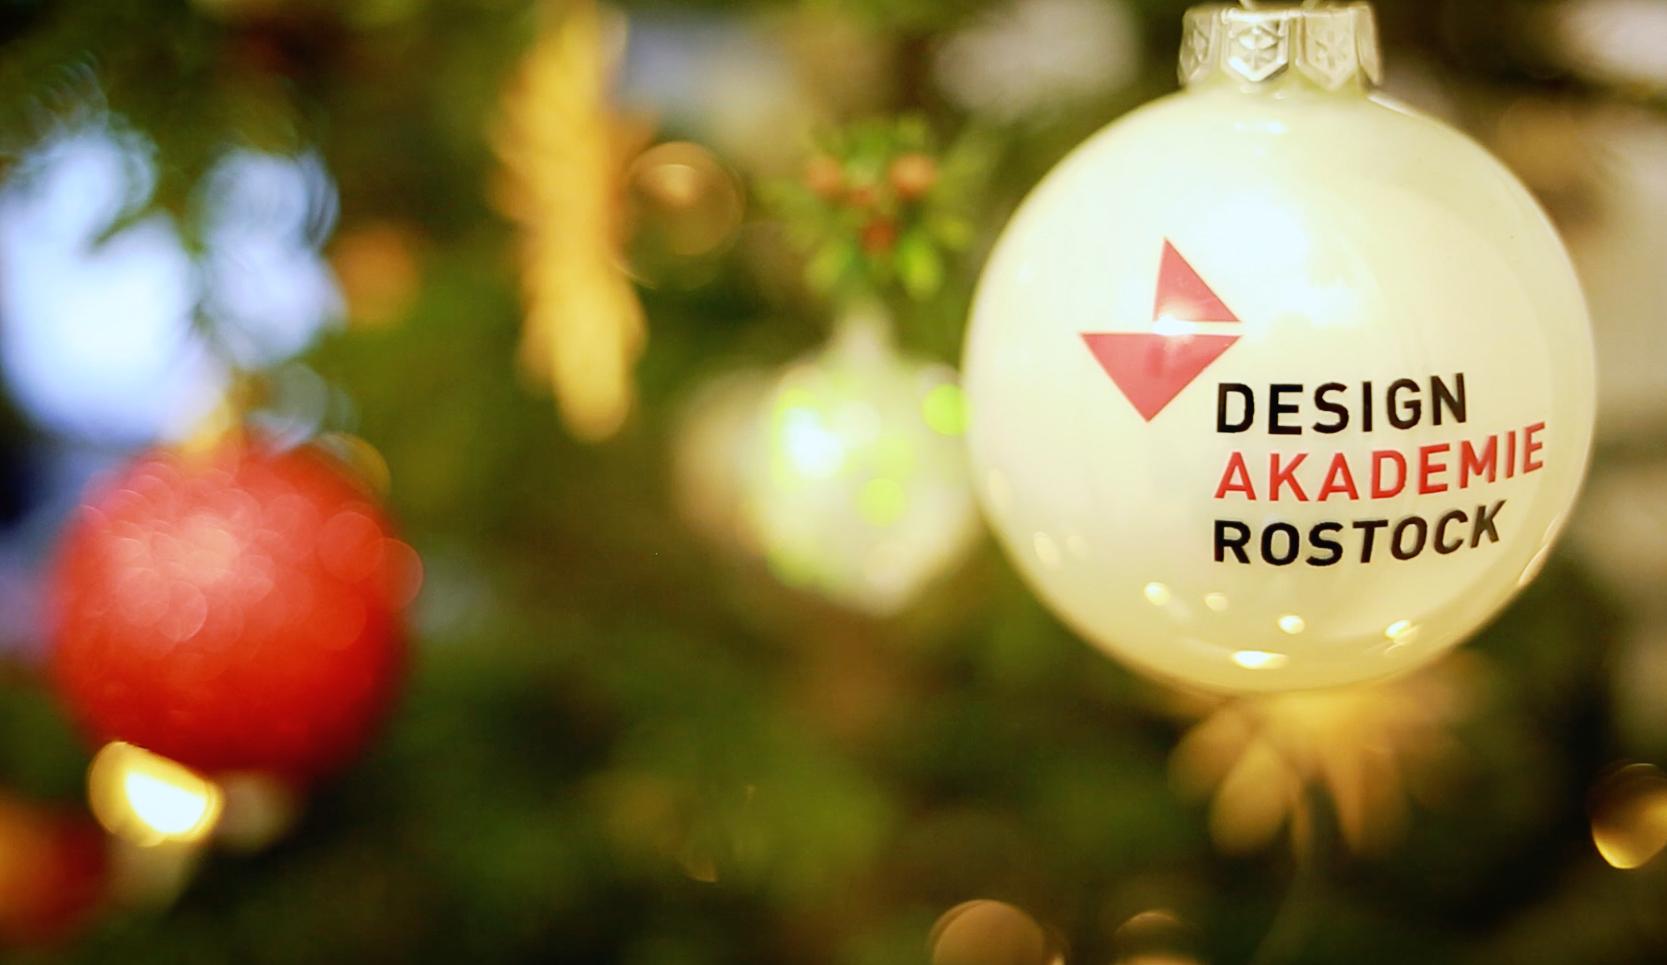 Weihnachten an der Designakademie Rostock